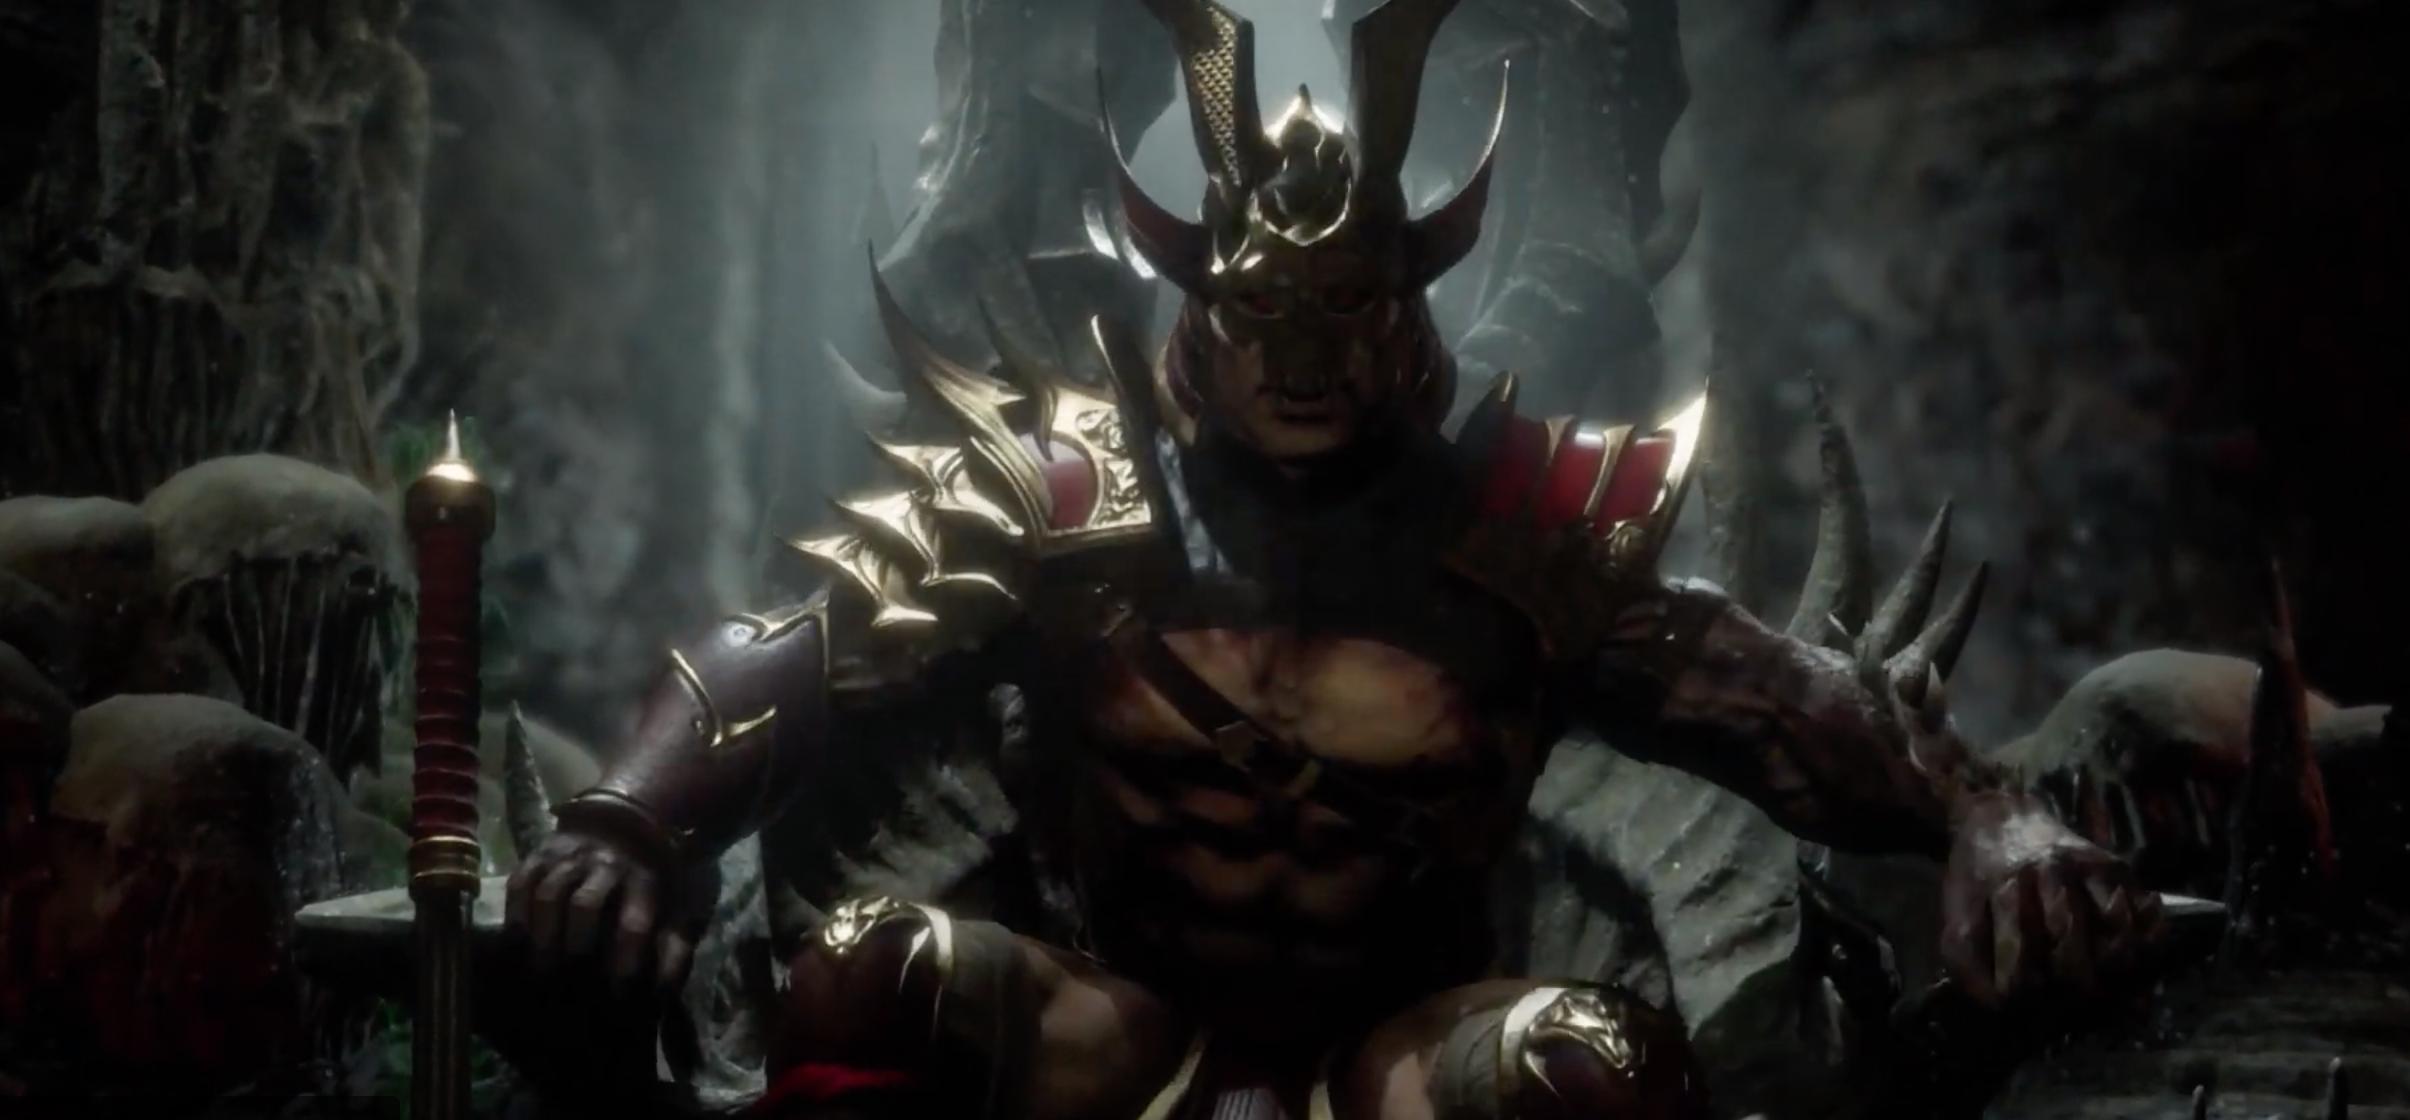 Le personnage de Mortal Kombat 11 Kotal Kahn en train de s'asseoir